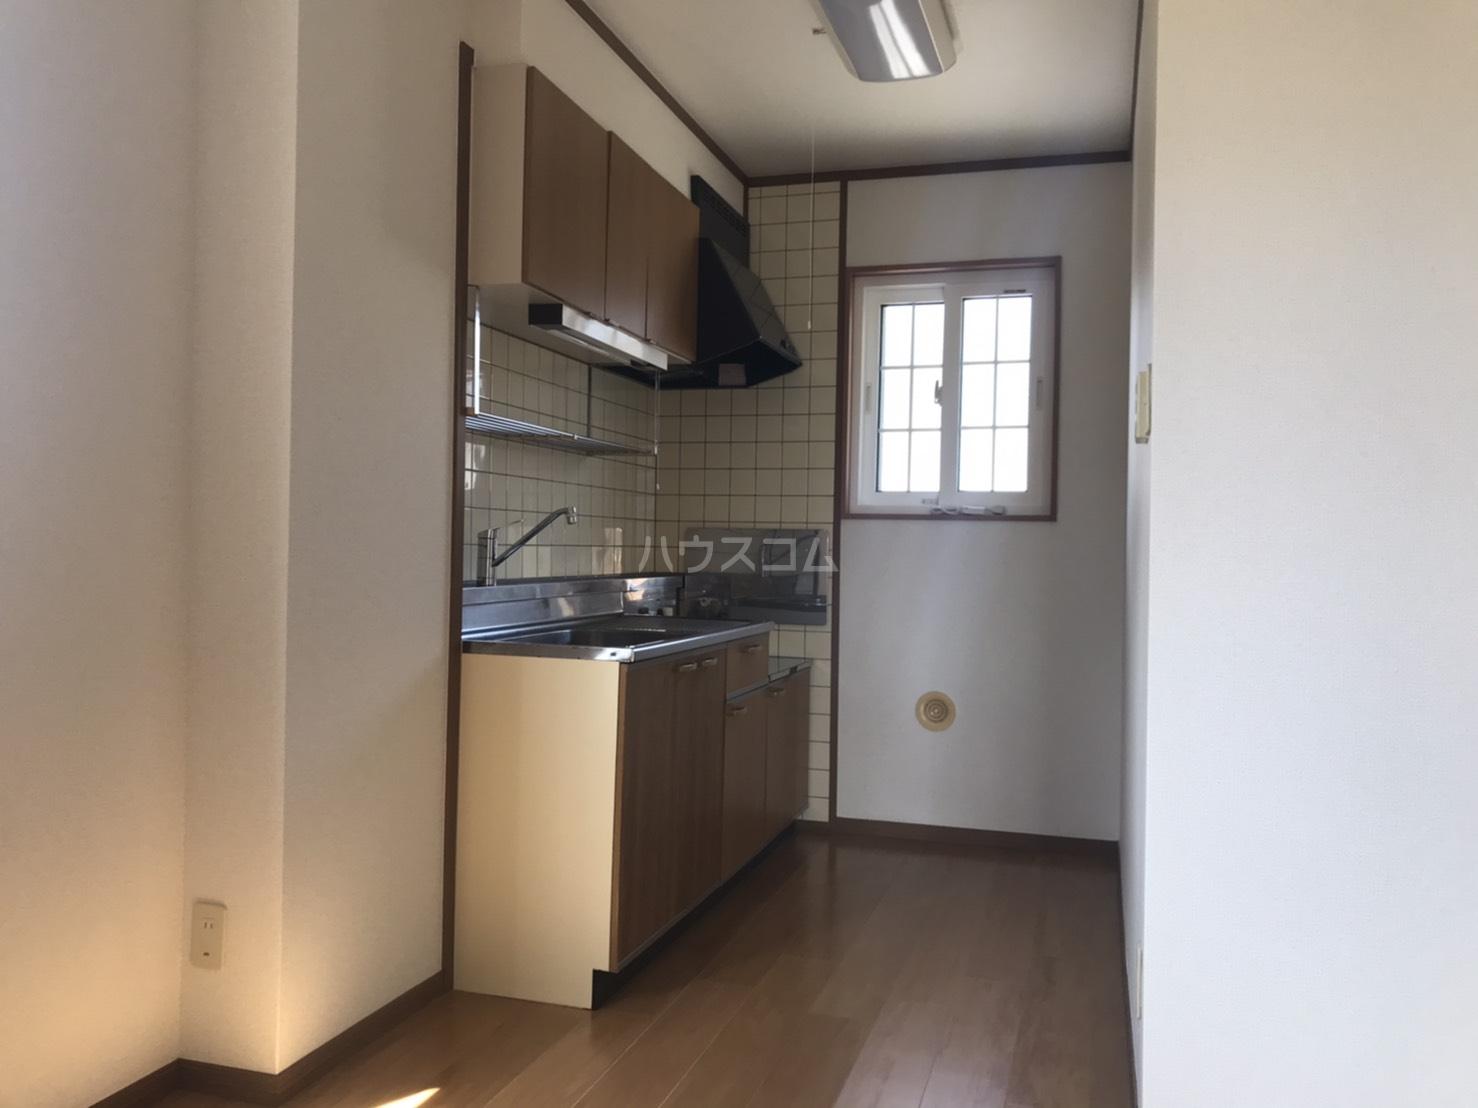 アビタシオン郷前 201号室のキッチン